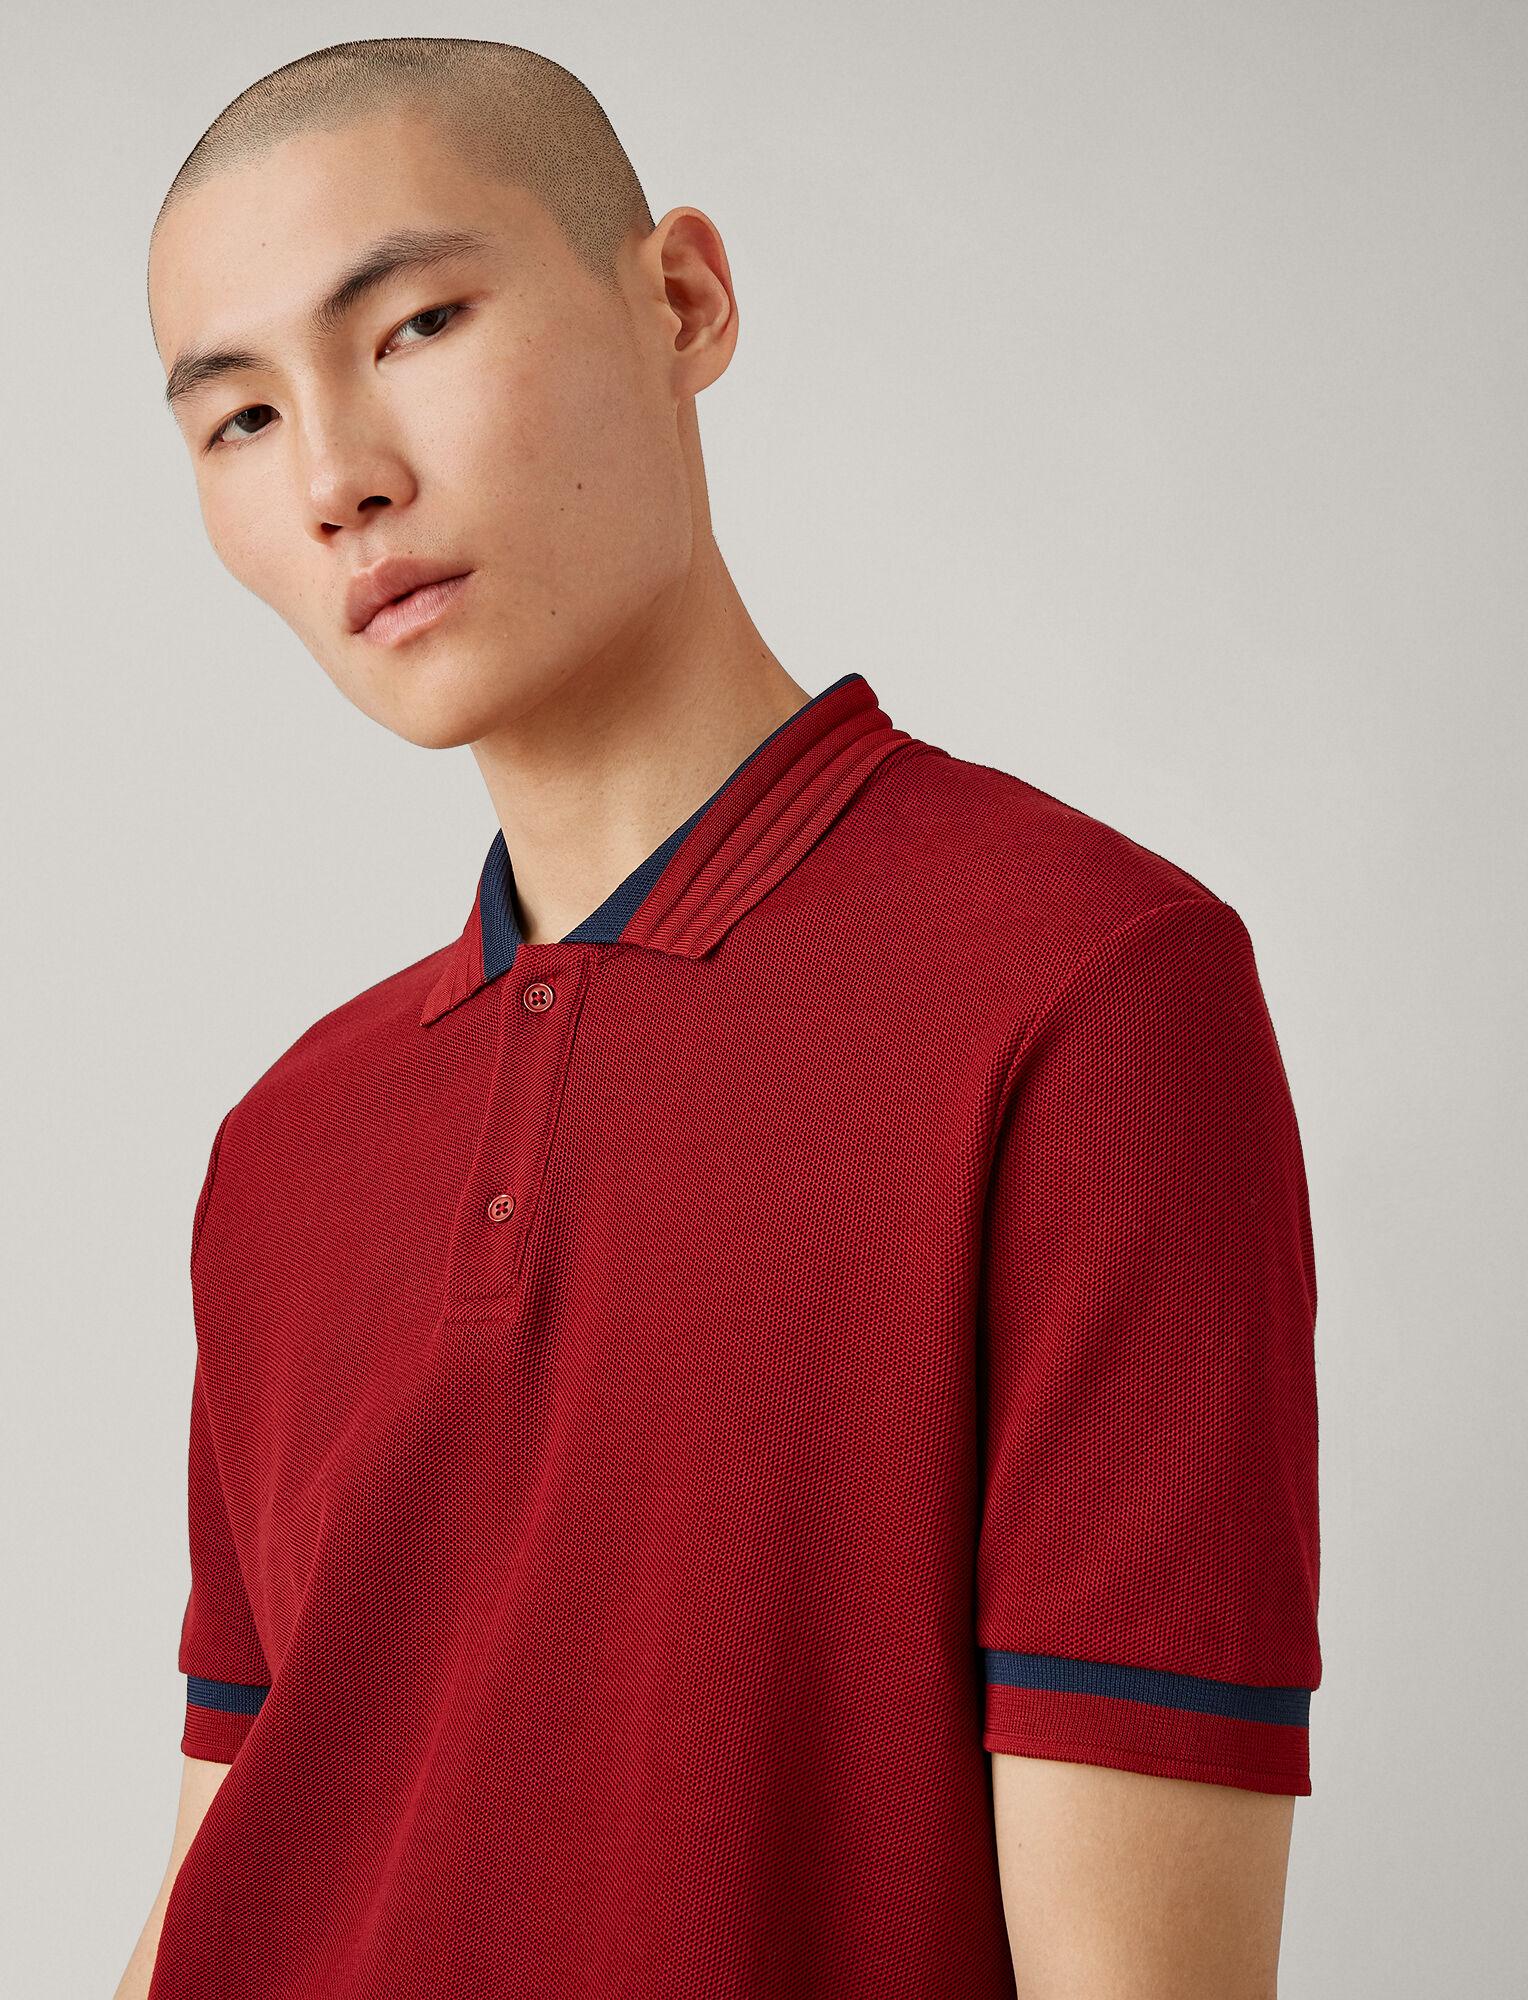 Joseph, Tee-shirt polo en jersey piqué, in CLARET